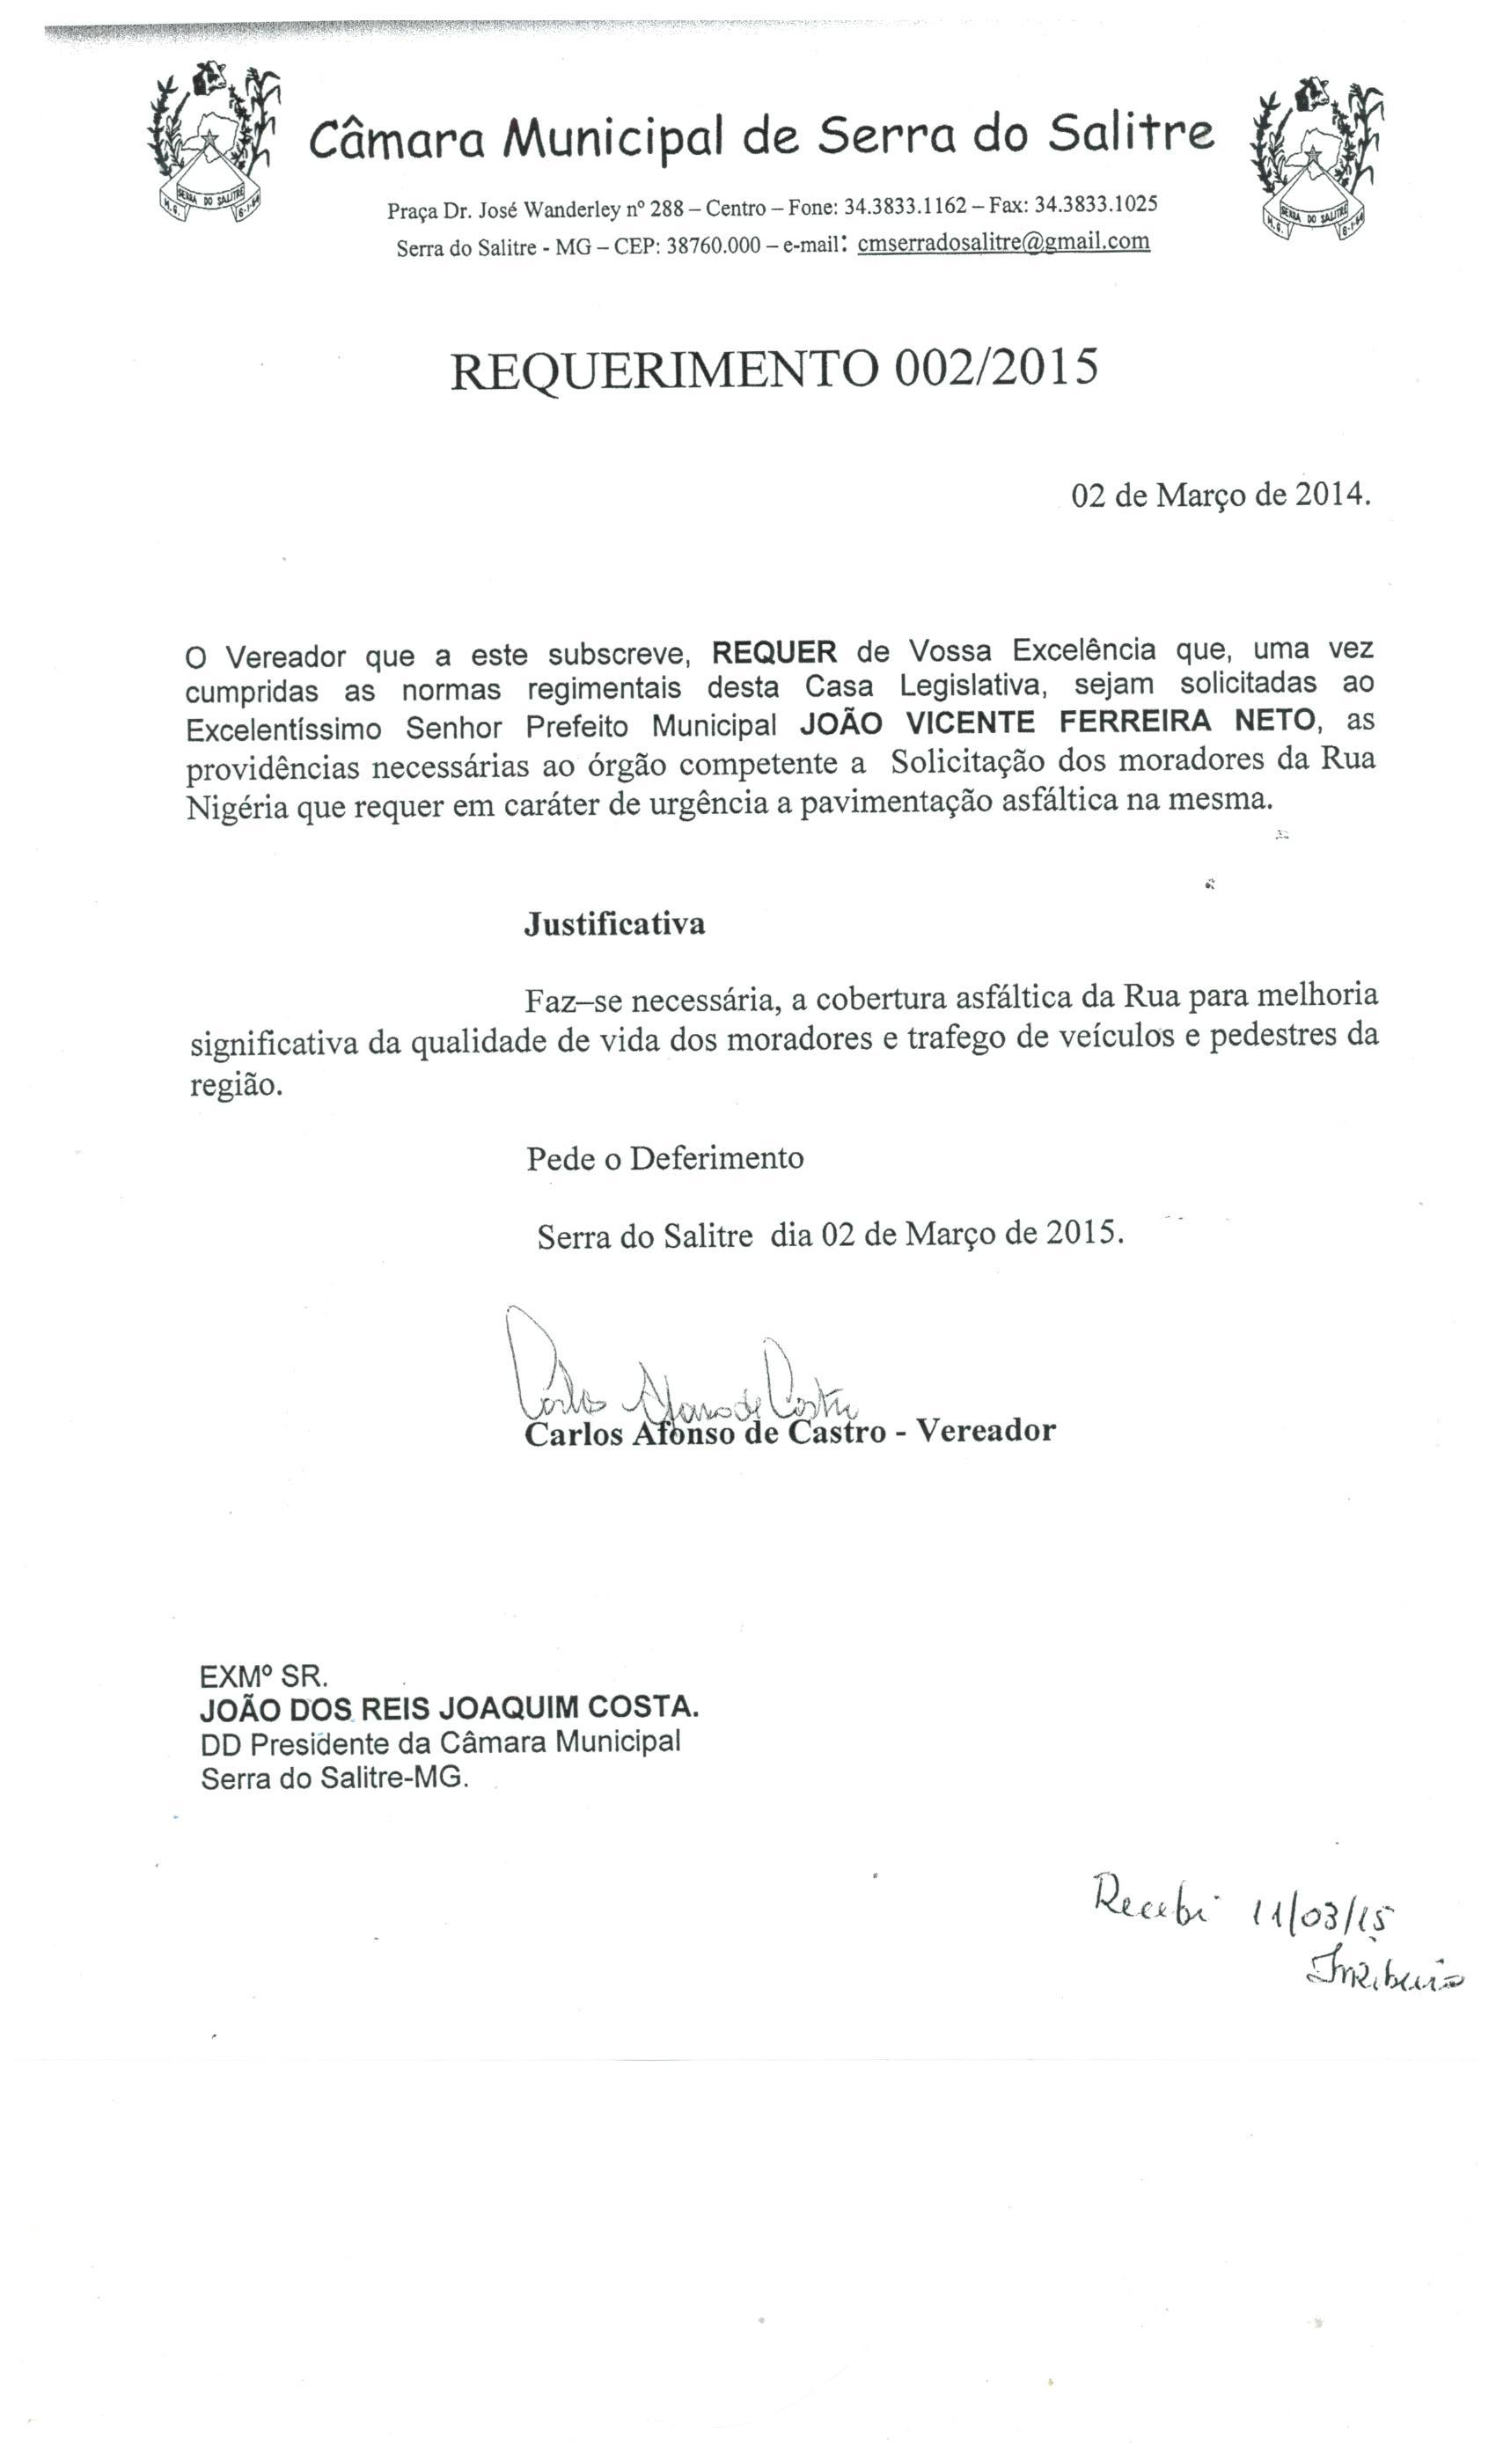 REQUERIMENTO_Nº_2.jpeg